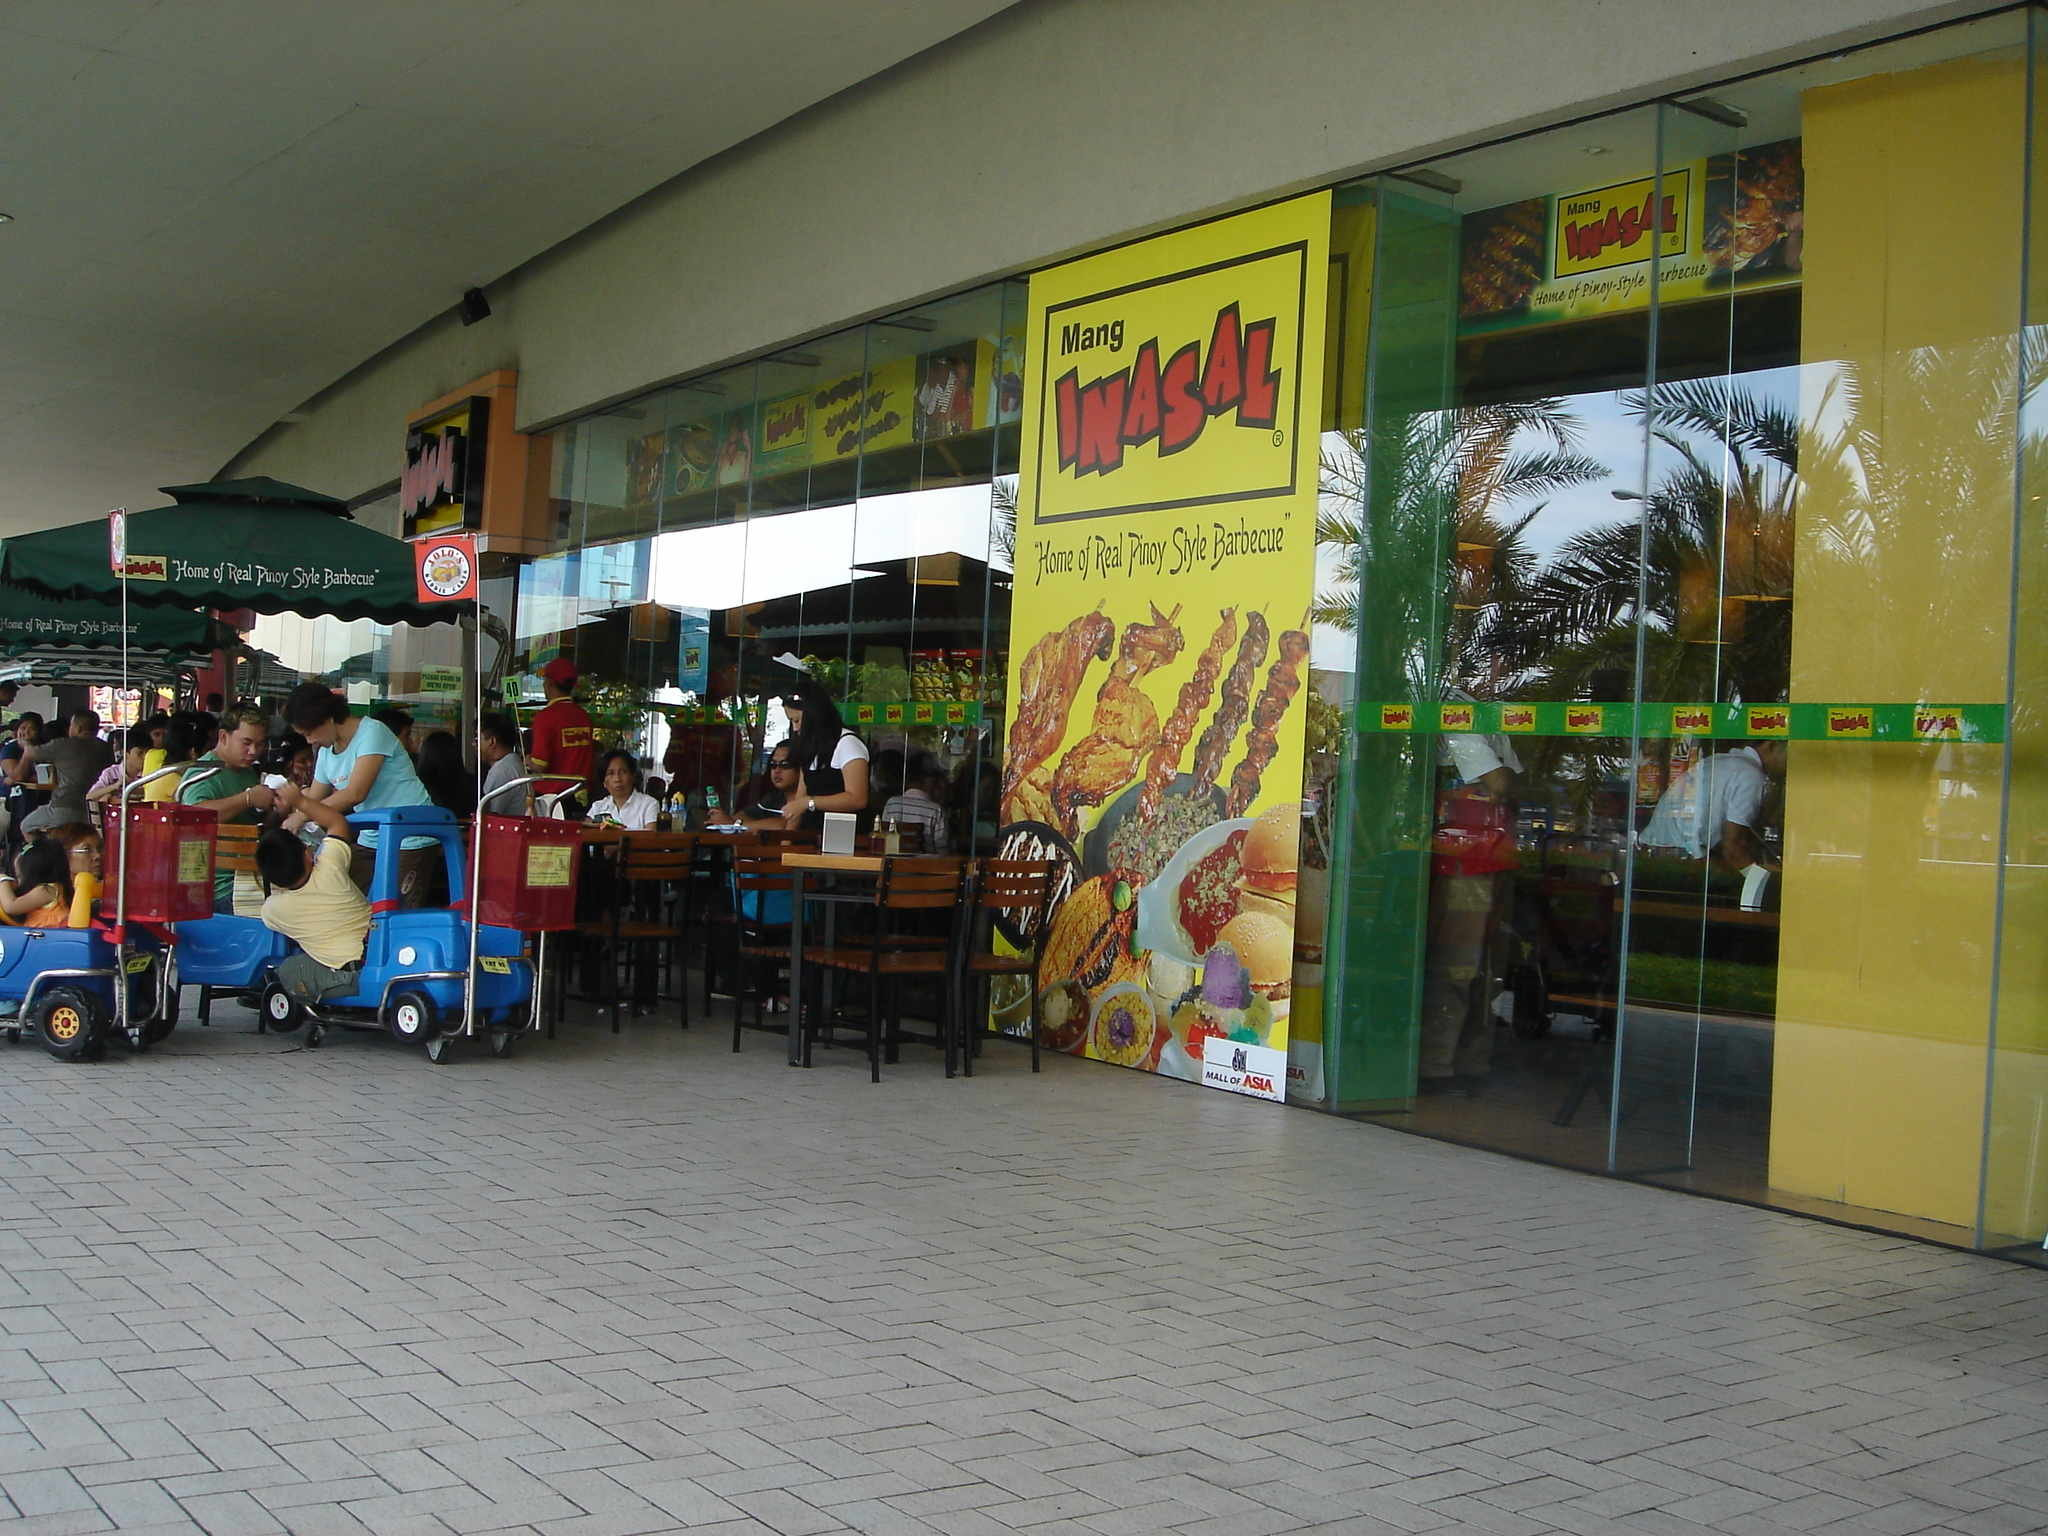 Mang Inasal, Sm Mall Of Asia, Pasay